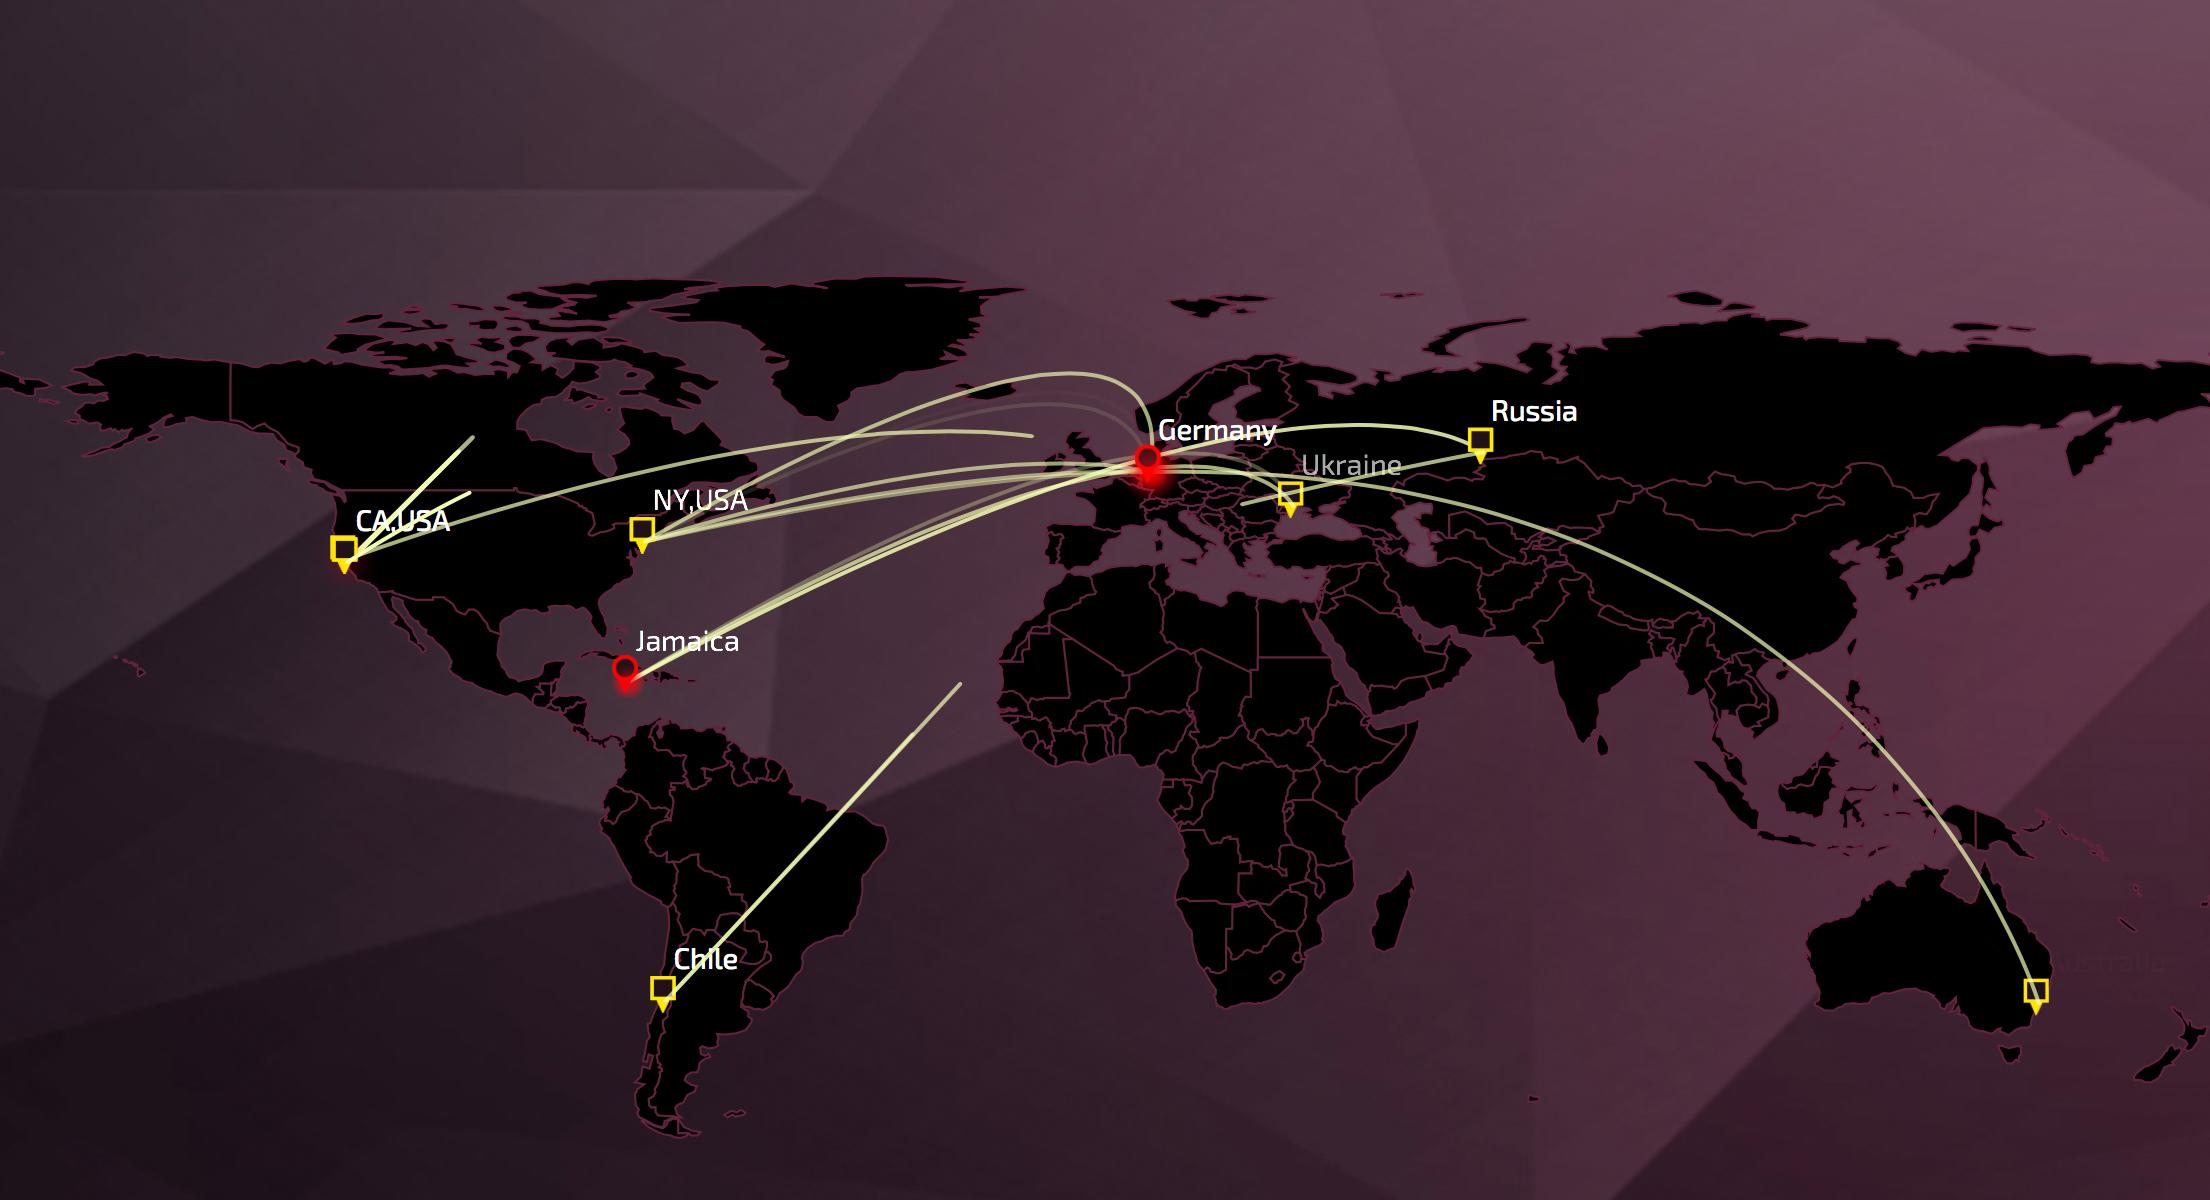 Ataki hakerskie: jest bezpieczniej!